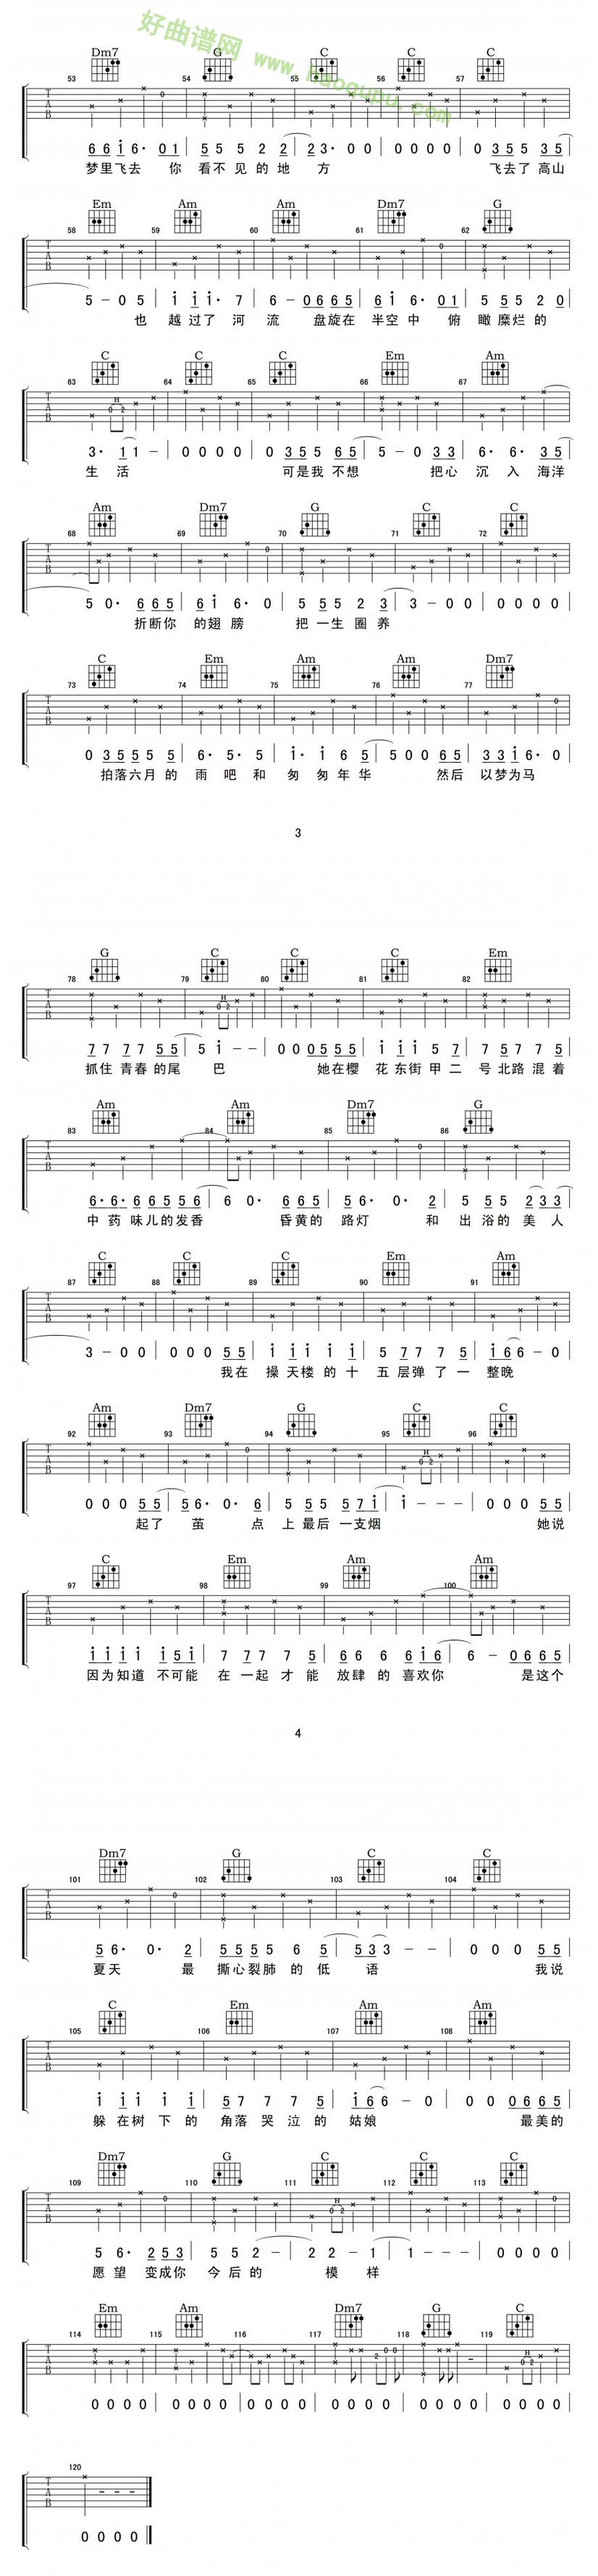 《樱花东街甲2号》(奥博演唱) - 吉他谱_吉他曲谱